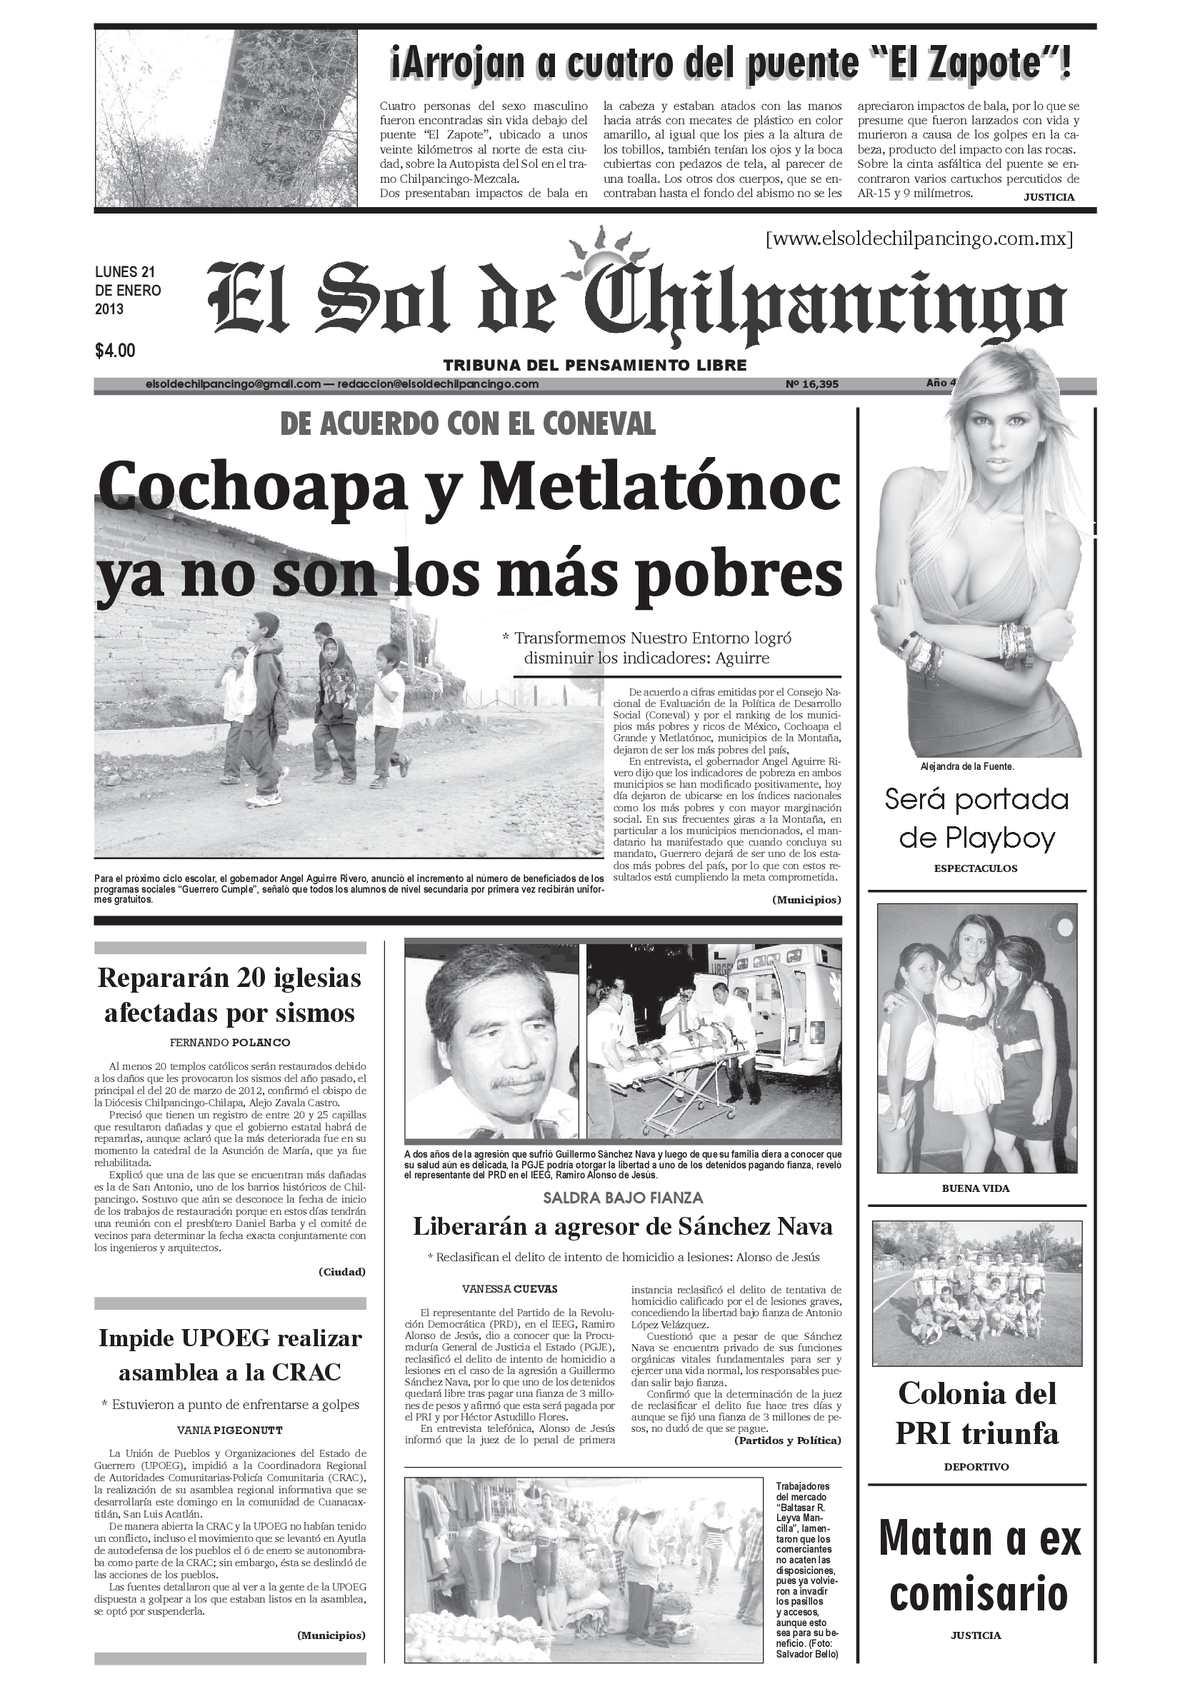 Calaméo - El Sol de Chilpancingo - 21 Enero 2013 792f98c940d2